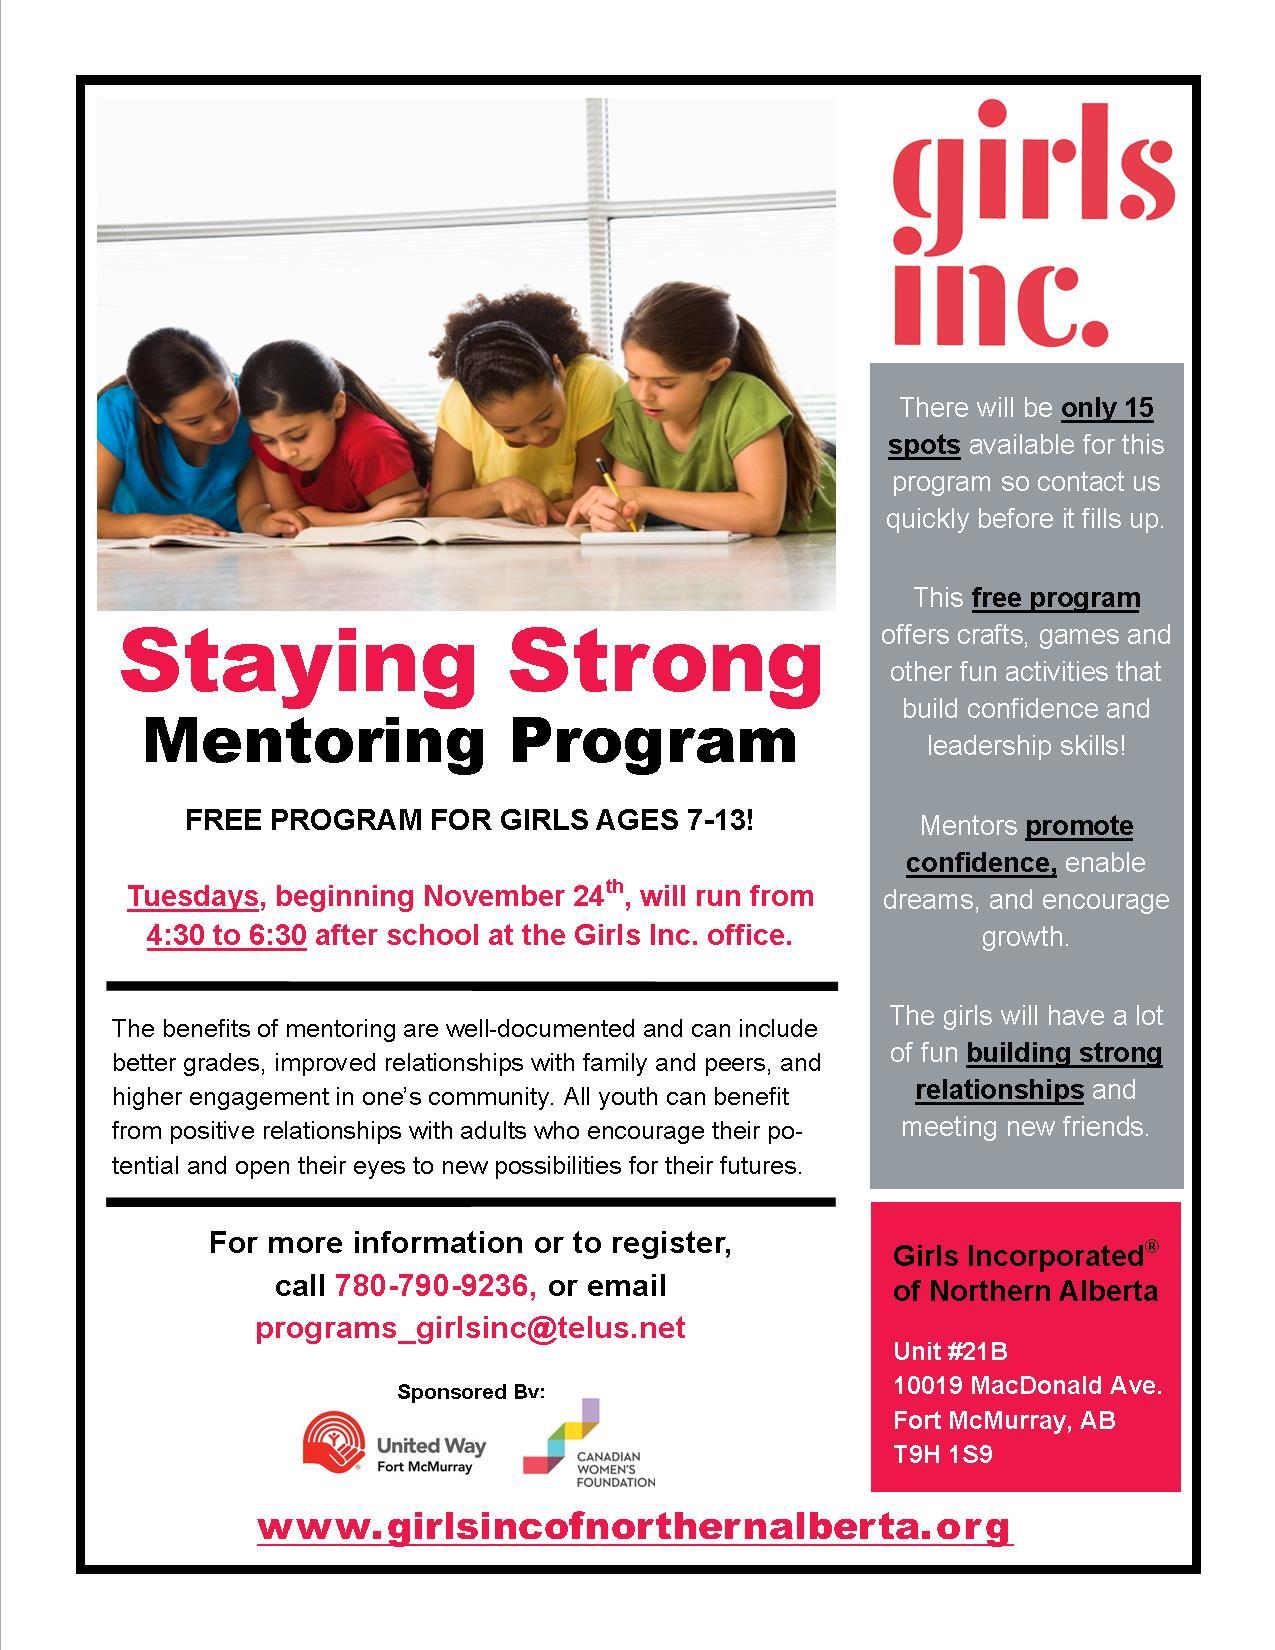 GIrls Inc. Staying Strong Mentoring Program 2015